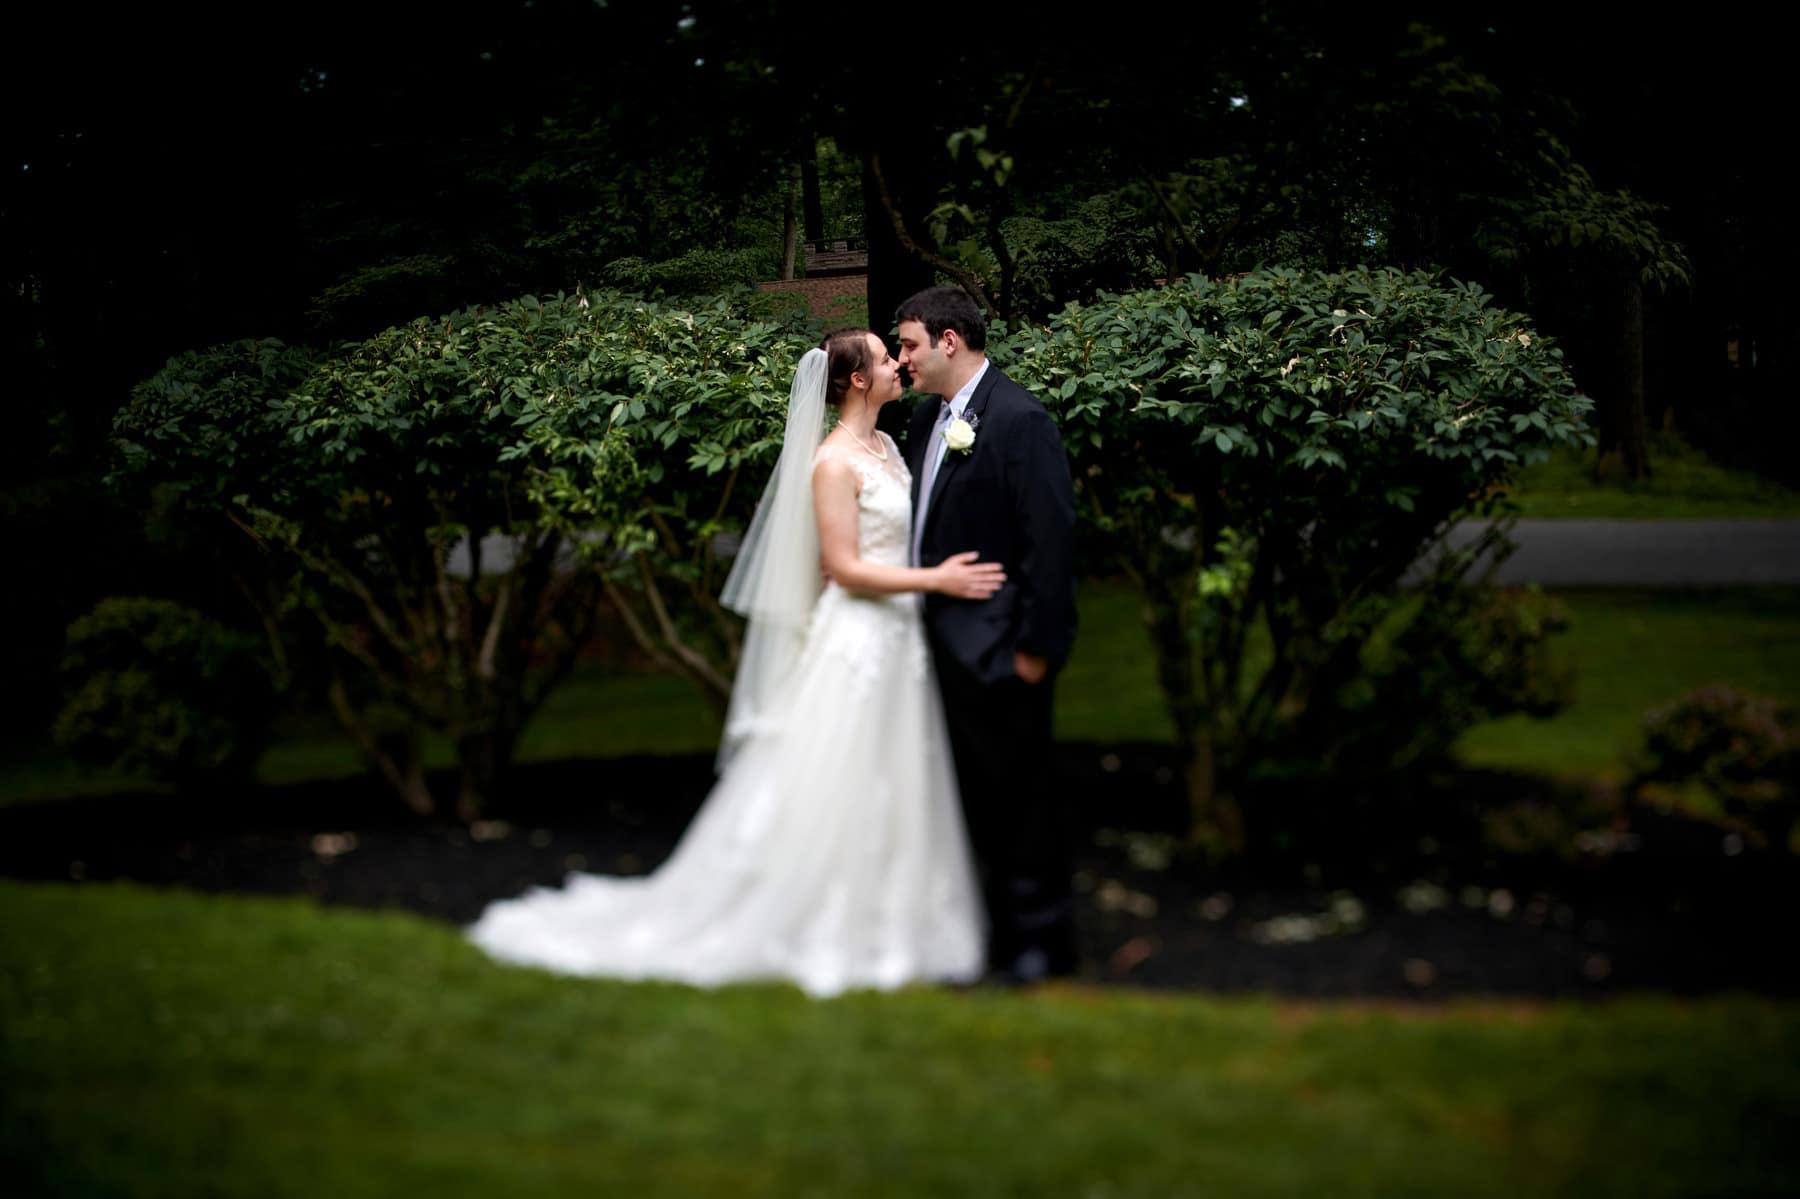 NJ backyard wedding photo